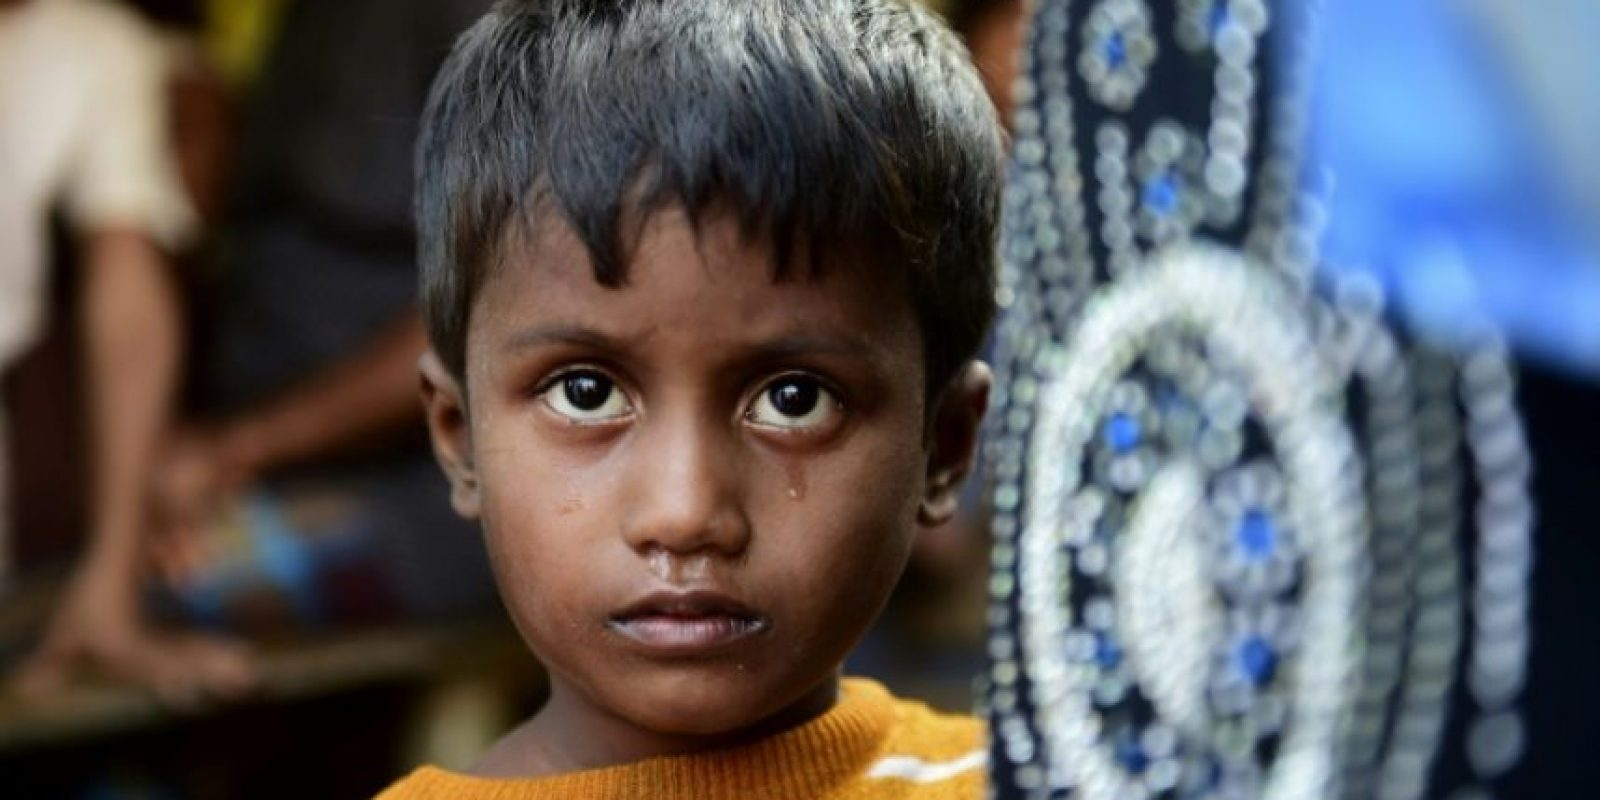 Noor Sahara, una niña rohingya de seis años cuya madre desapareció, posa cerca de un campo de refugiados en Teknaf, al sur del distrito de Cox's Bazar, Bangladés, el 23 de noviembre de 2016 Foto:Munir Uz Zaman/afp.com